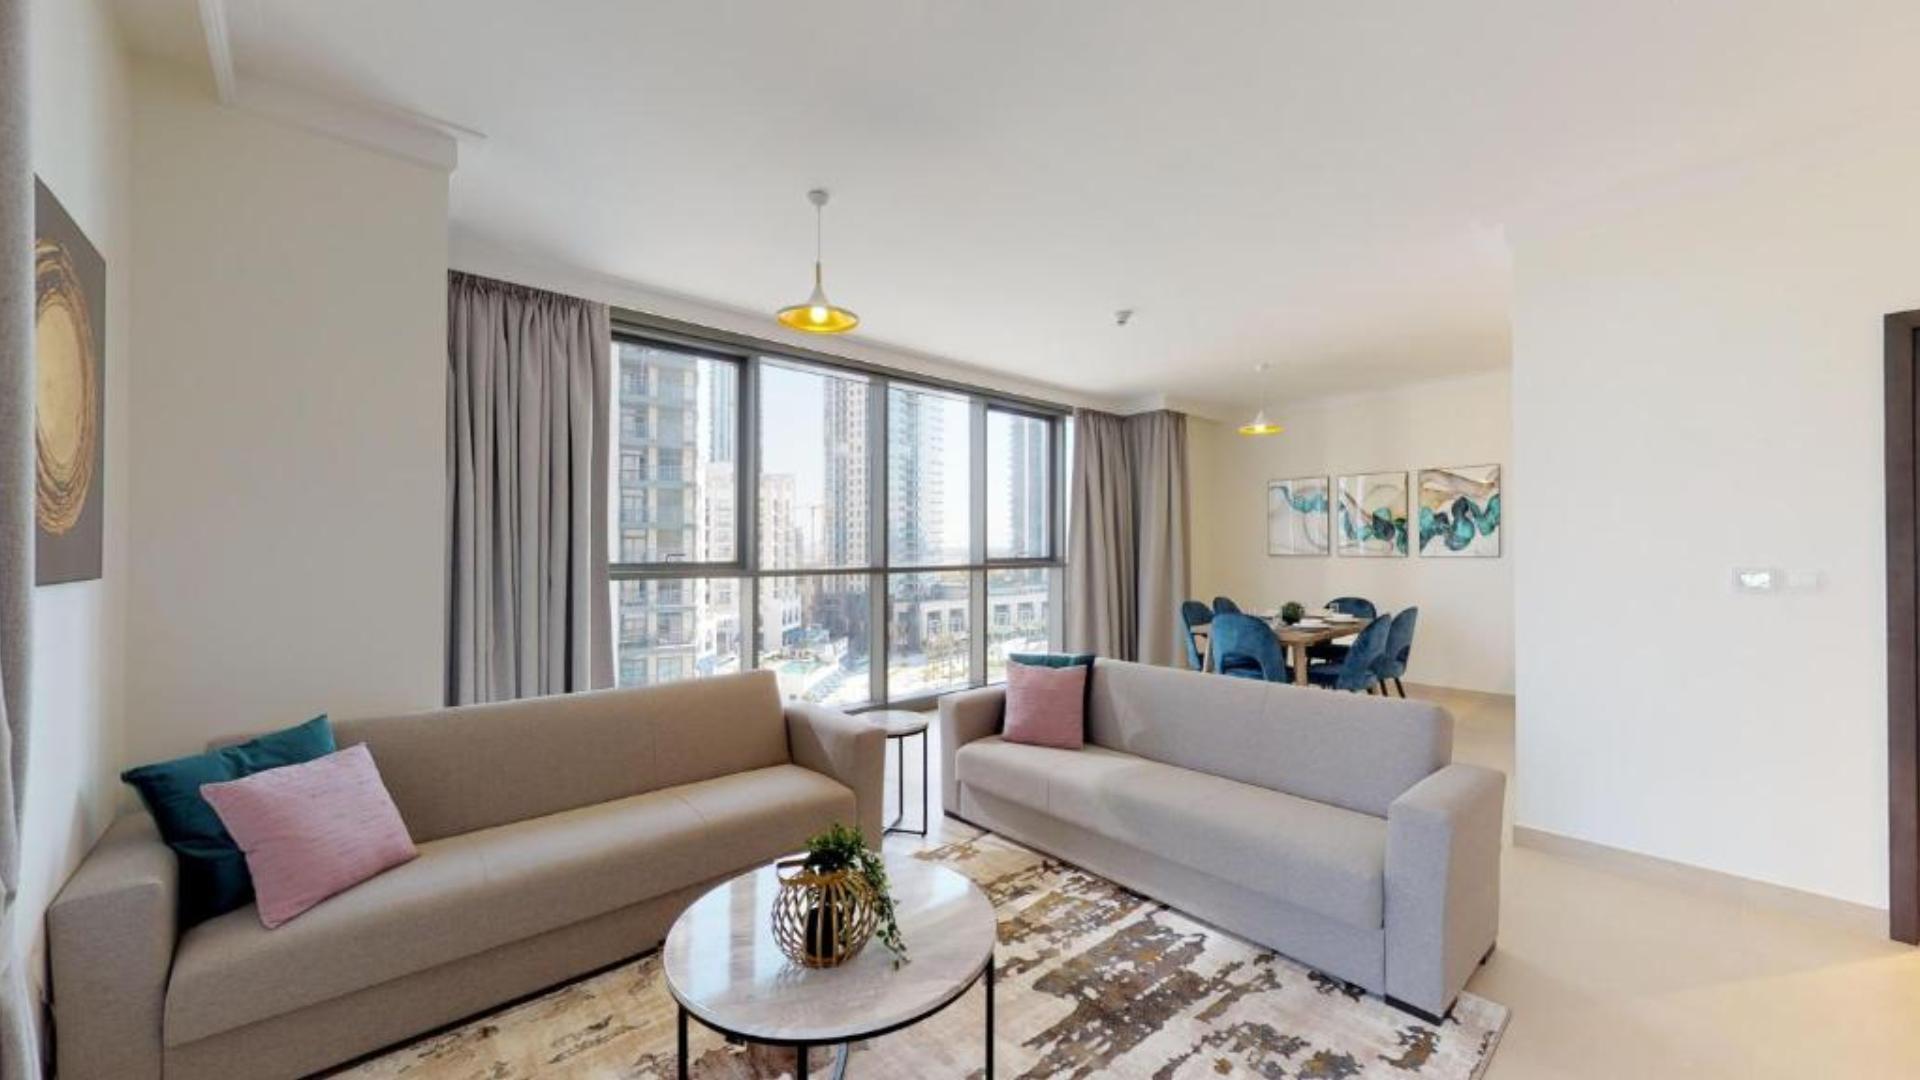 Dúplex en venta en Dubai, EAU, 4 dormitorios, 210 m2, № 24300 – foto 2